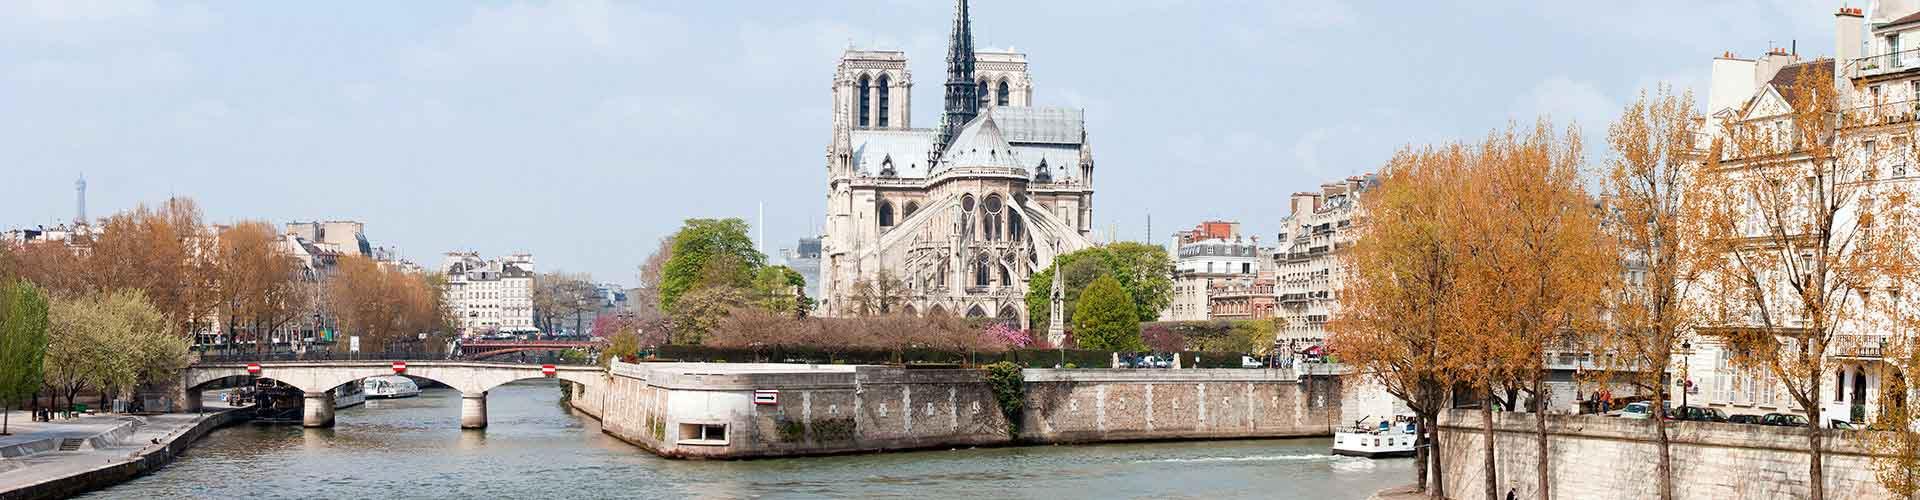 Reims - Hostales en Reims. Mapas de Reims, Fotos y comentarios de cada Hostal en Reims.